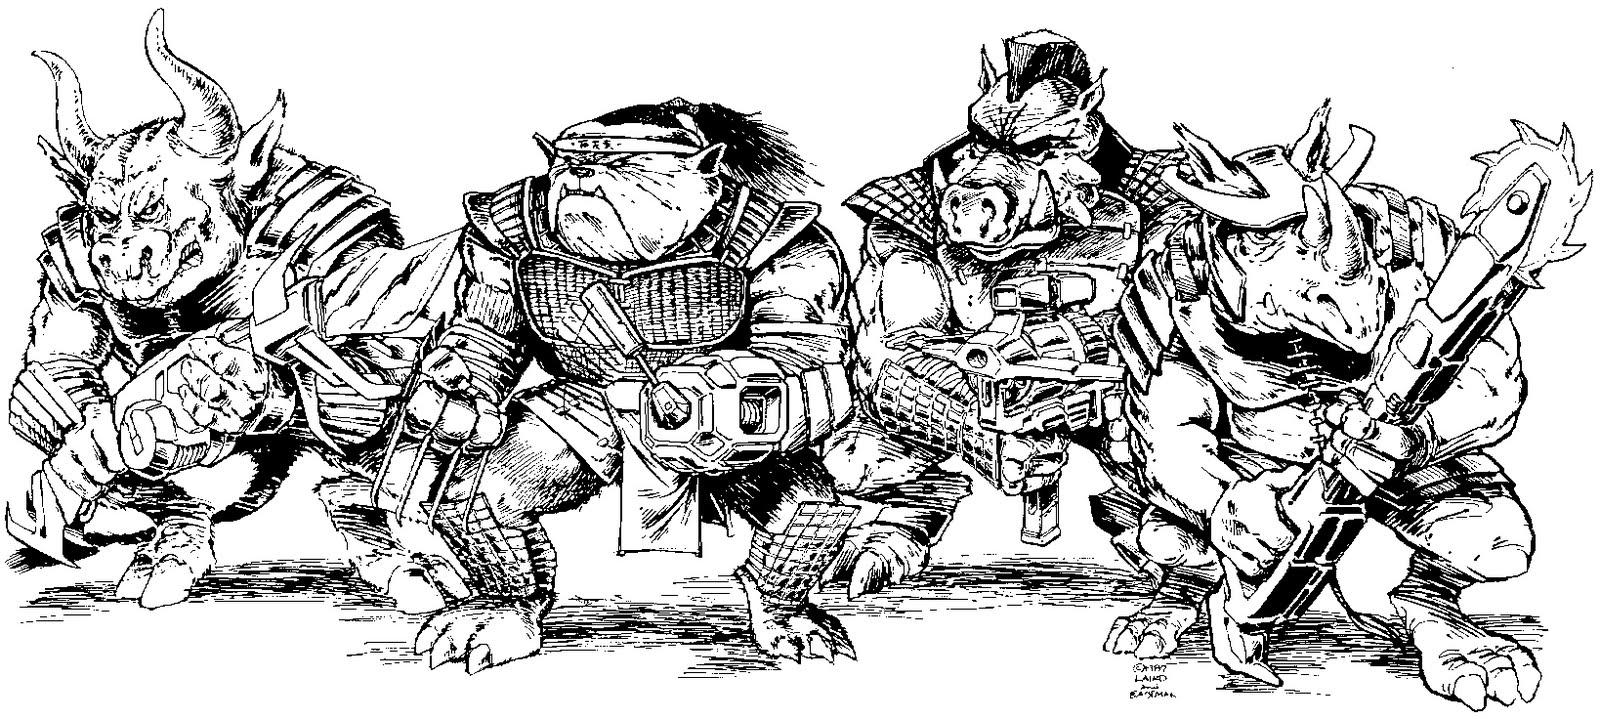 Playmates Teenage Mutant Ninja Turtles (Unproduced 1988-1994 Action Figures)